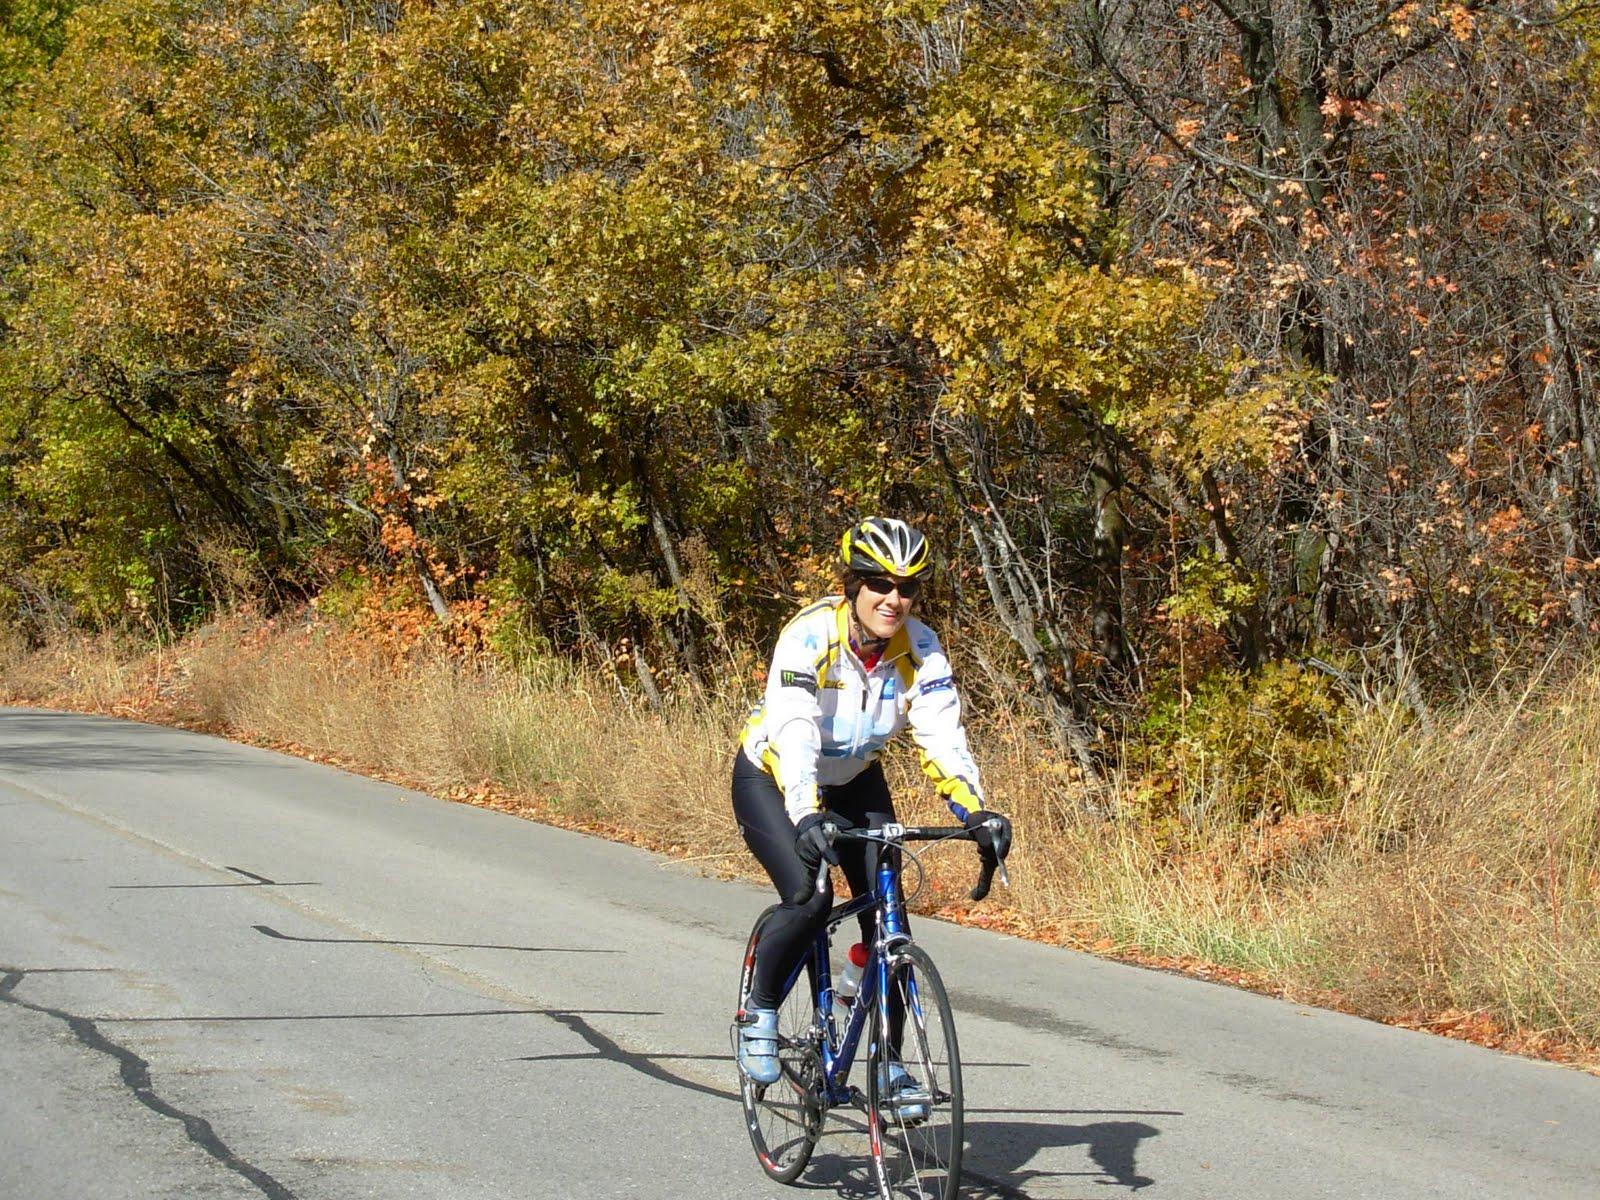 [Fall+Ride,+Oct+15,+2009+010.jpg]